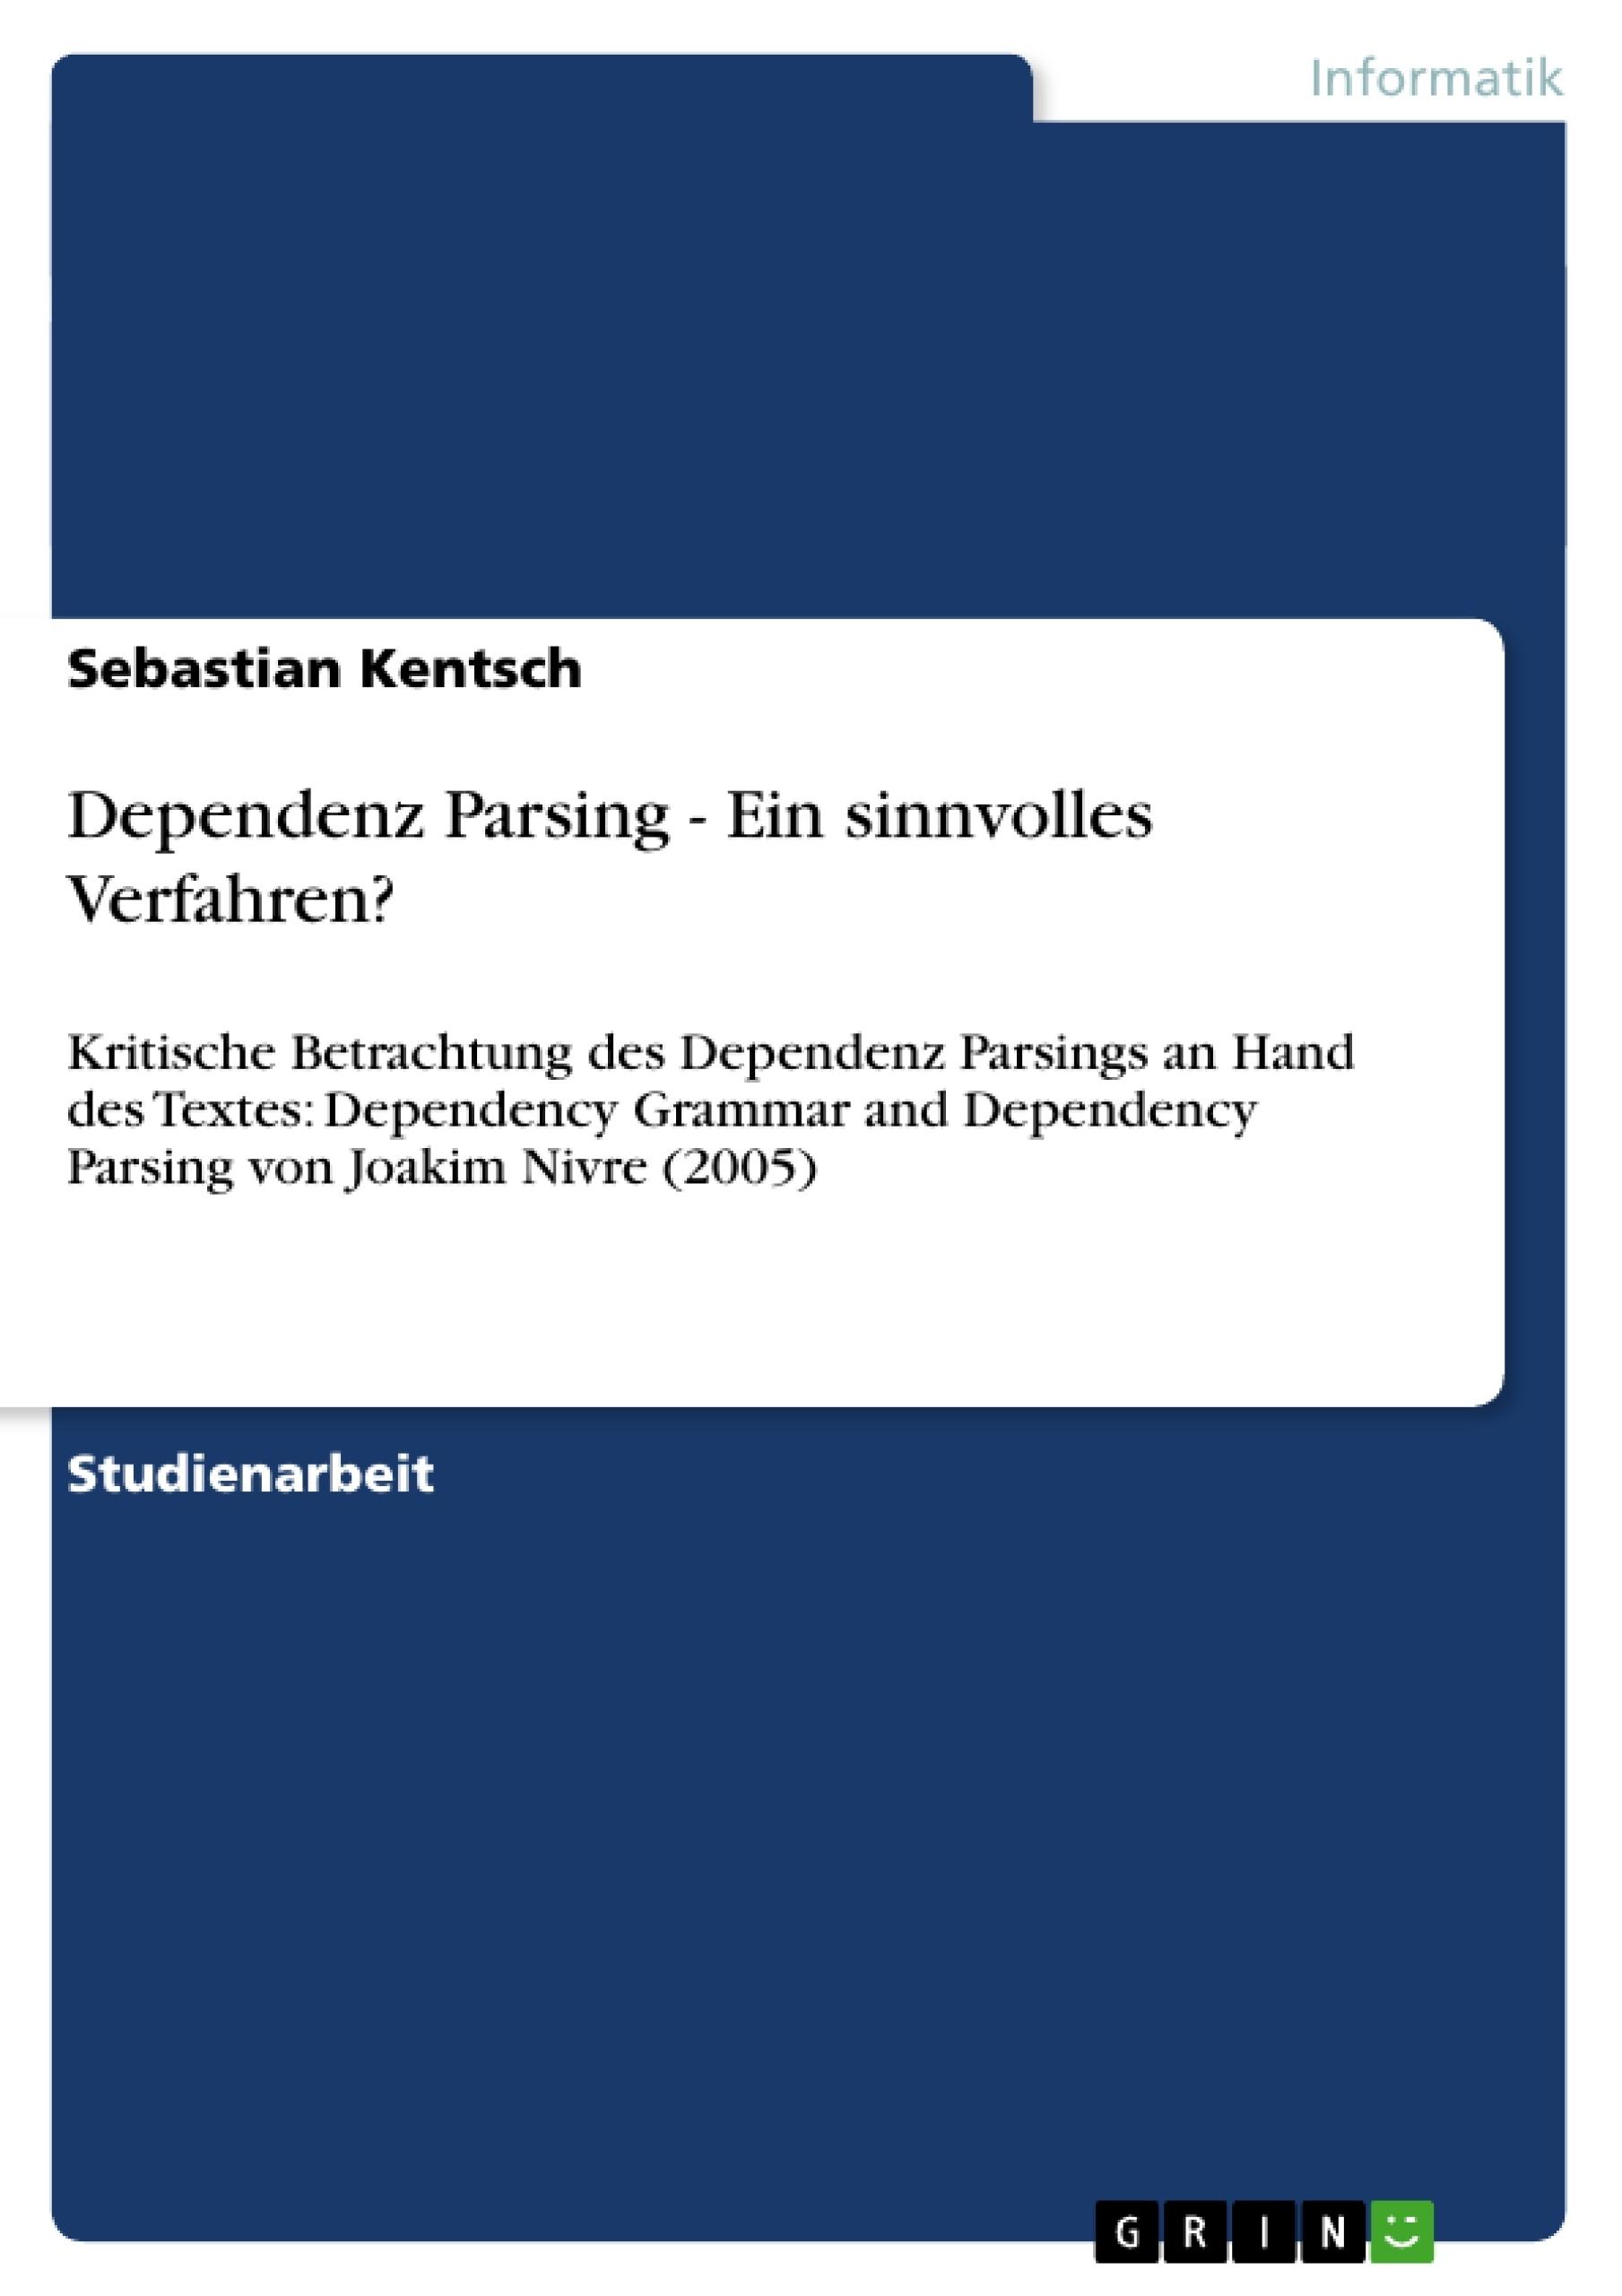 Titel: Dependenz Parsing - Ein sinnvolles Verfahren?